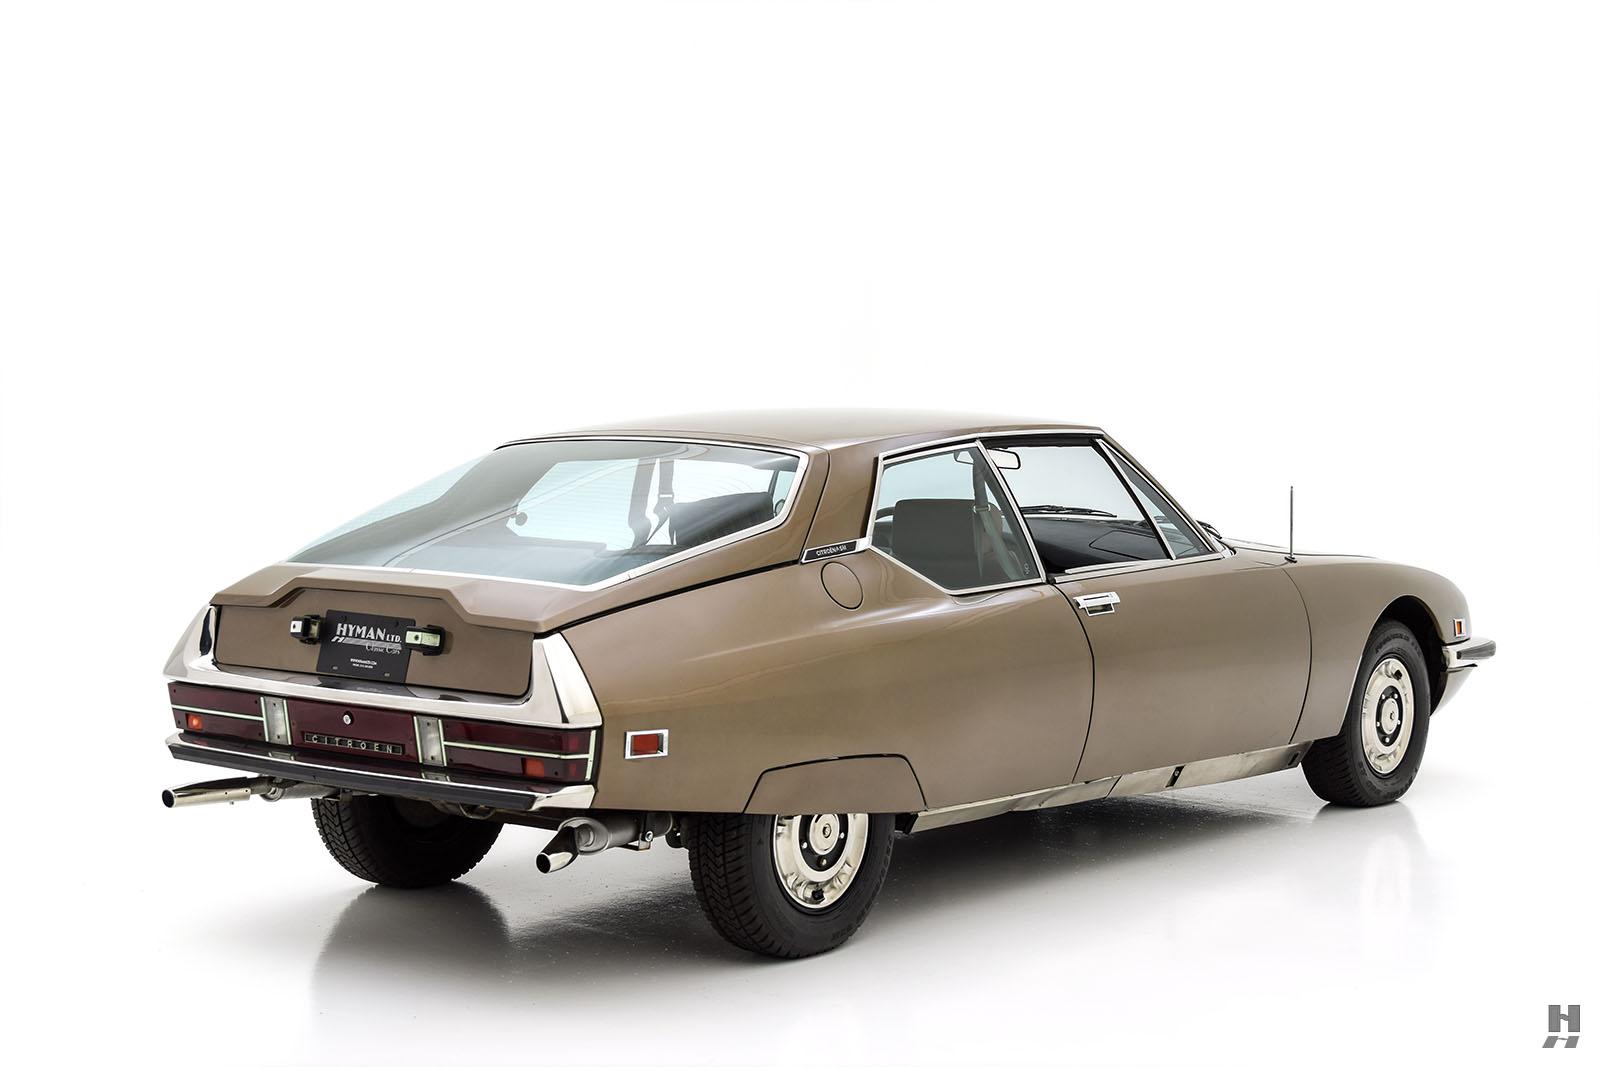 1972 citroen sm coupe for sale buy citroen sm coupe cars hyman ltd. Black Bedroom Furniture Sets. Home Design Ideas